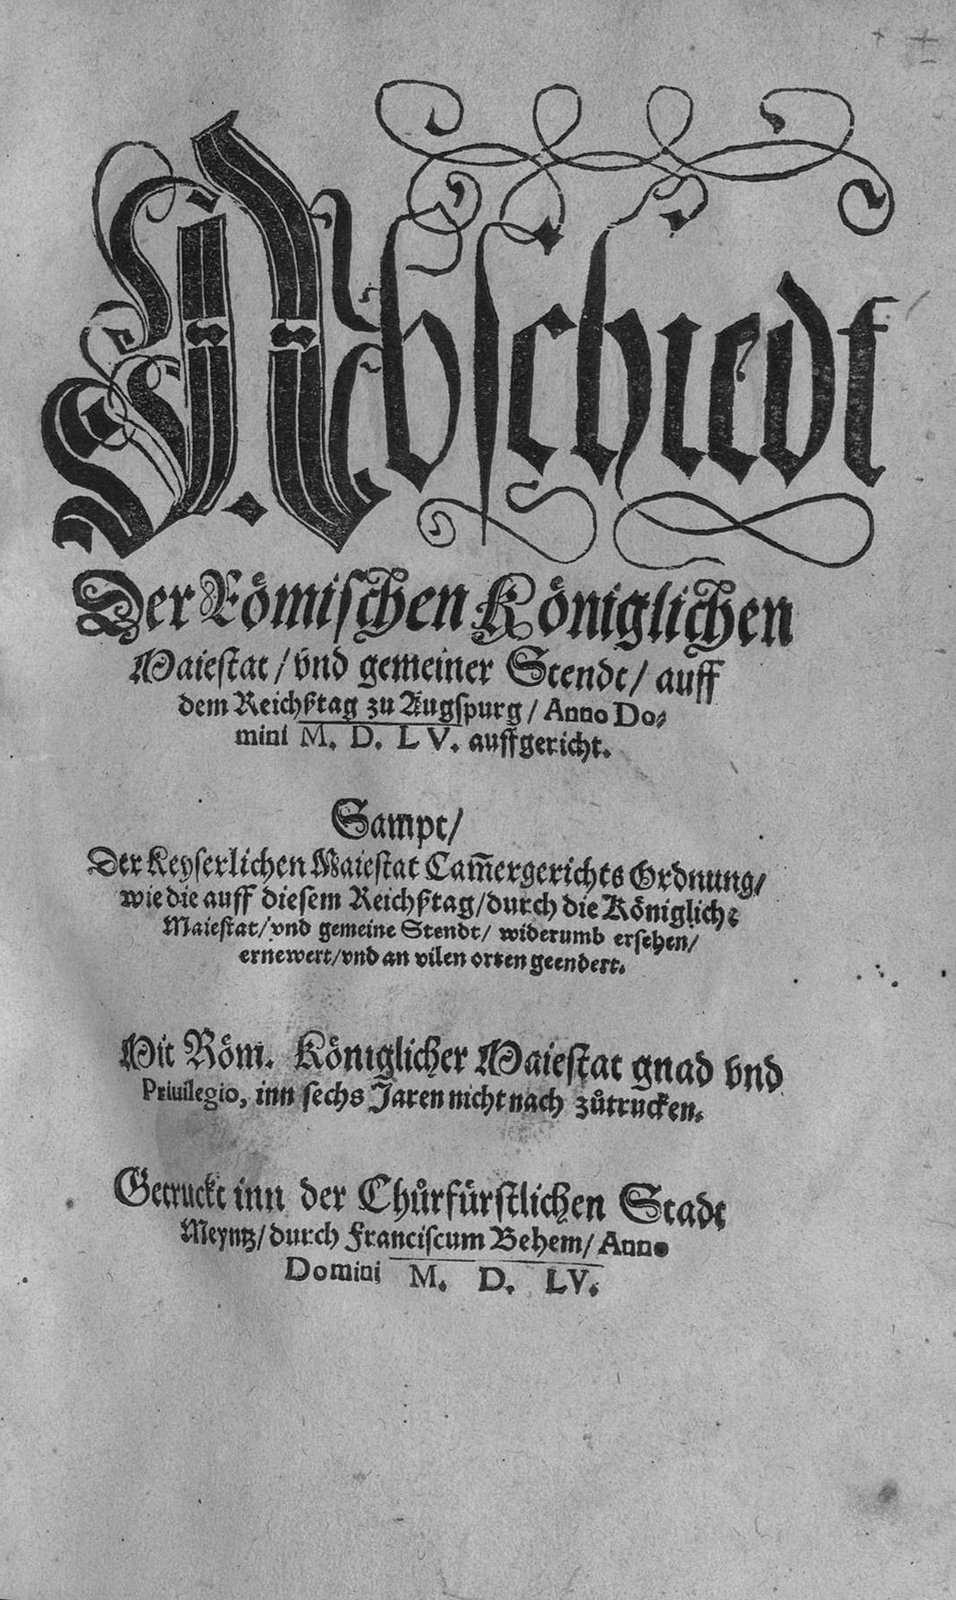 """Pierwsza strona druku ulotnego ztreścią """"pokojuaugsburskiego"""" z1555 r. Pierwsza strona druku ulotnego ztreścią """"pokojuaugsburskiego"""" z1555 r. Źródło: domena publiczna."""